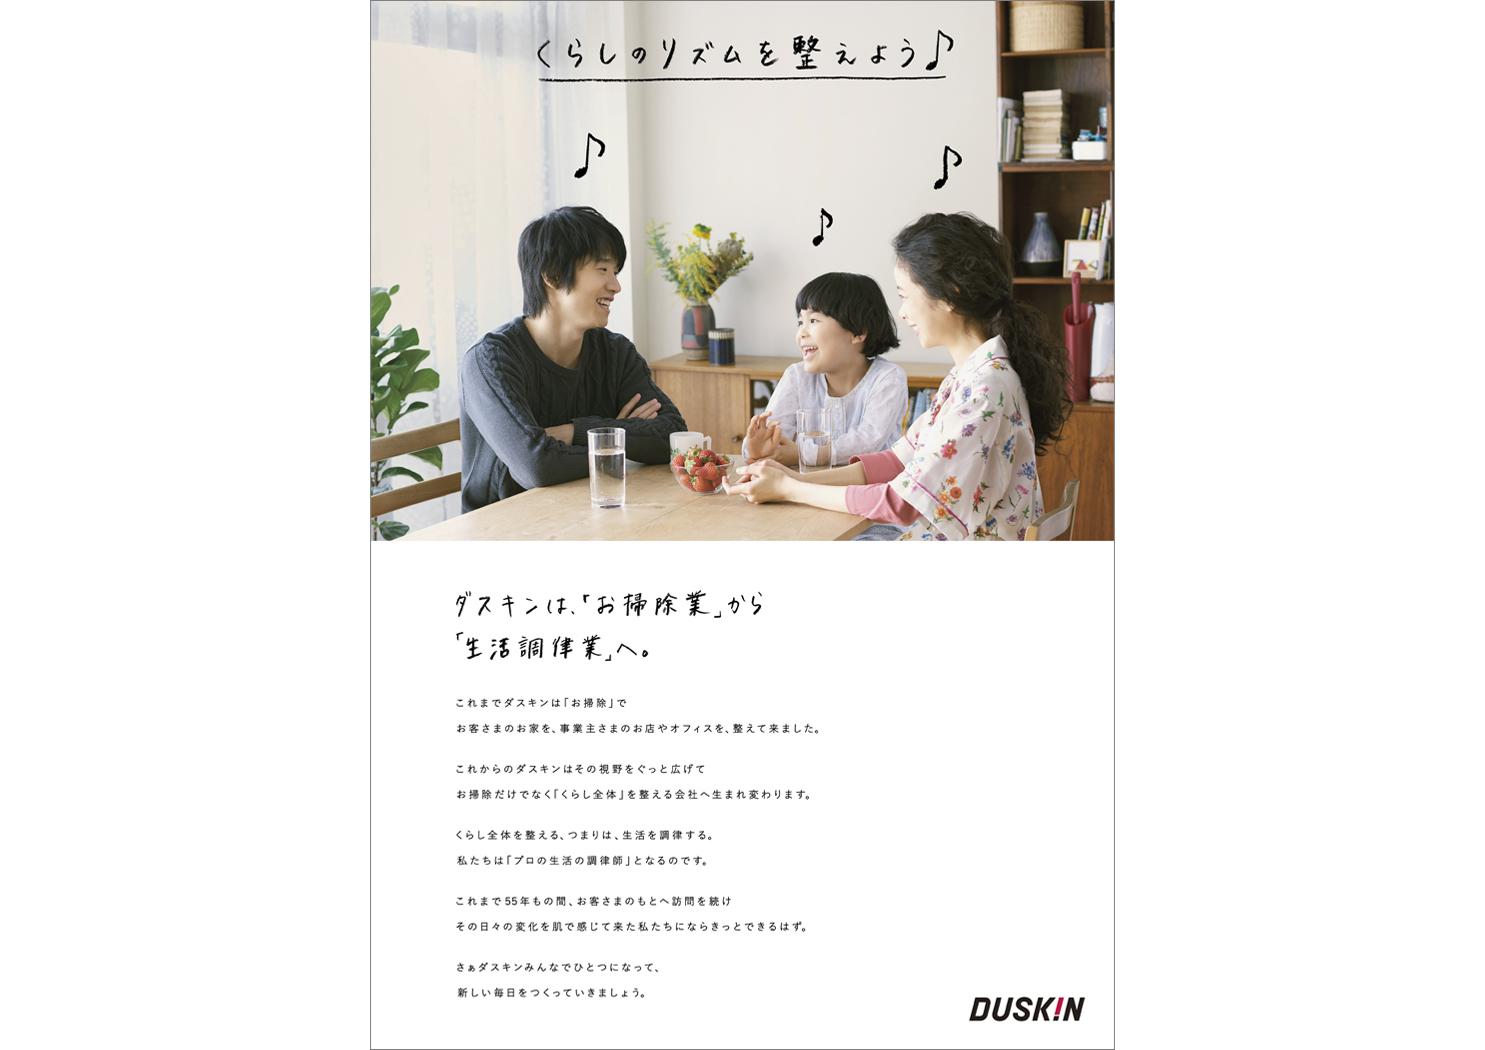 DUSKIN B2 poster